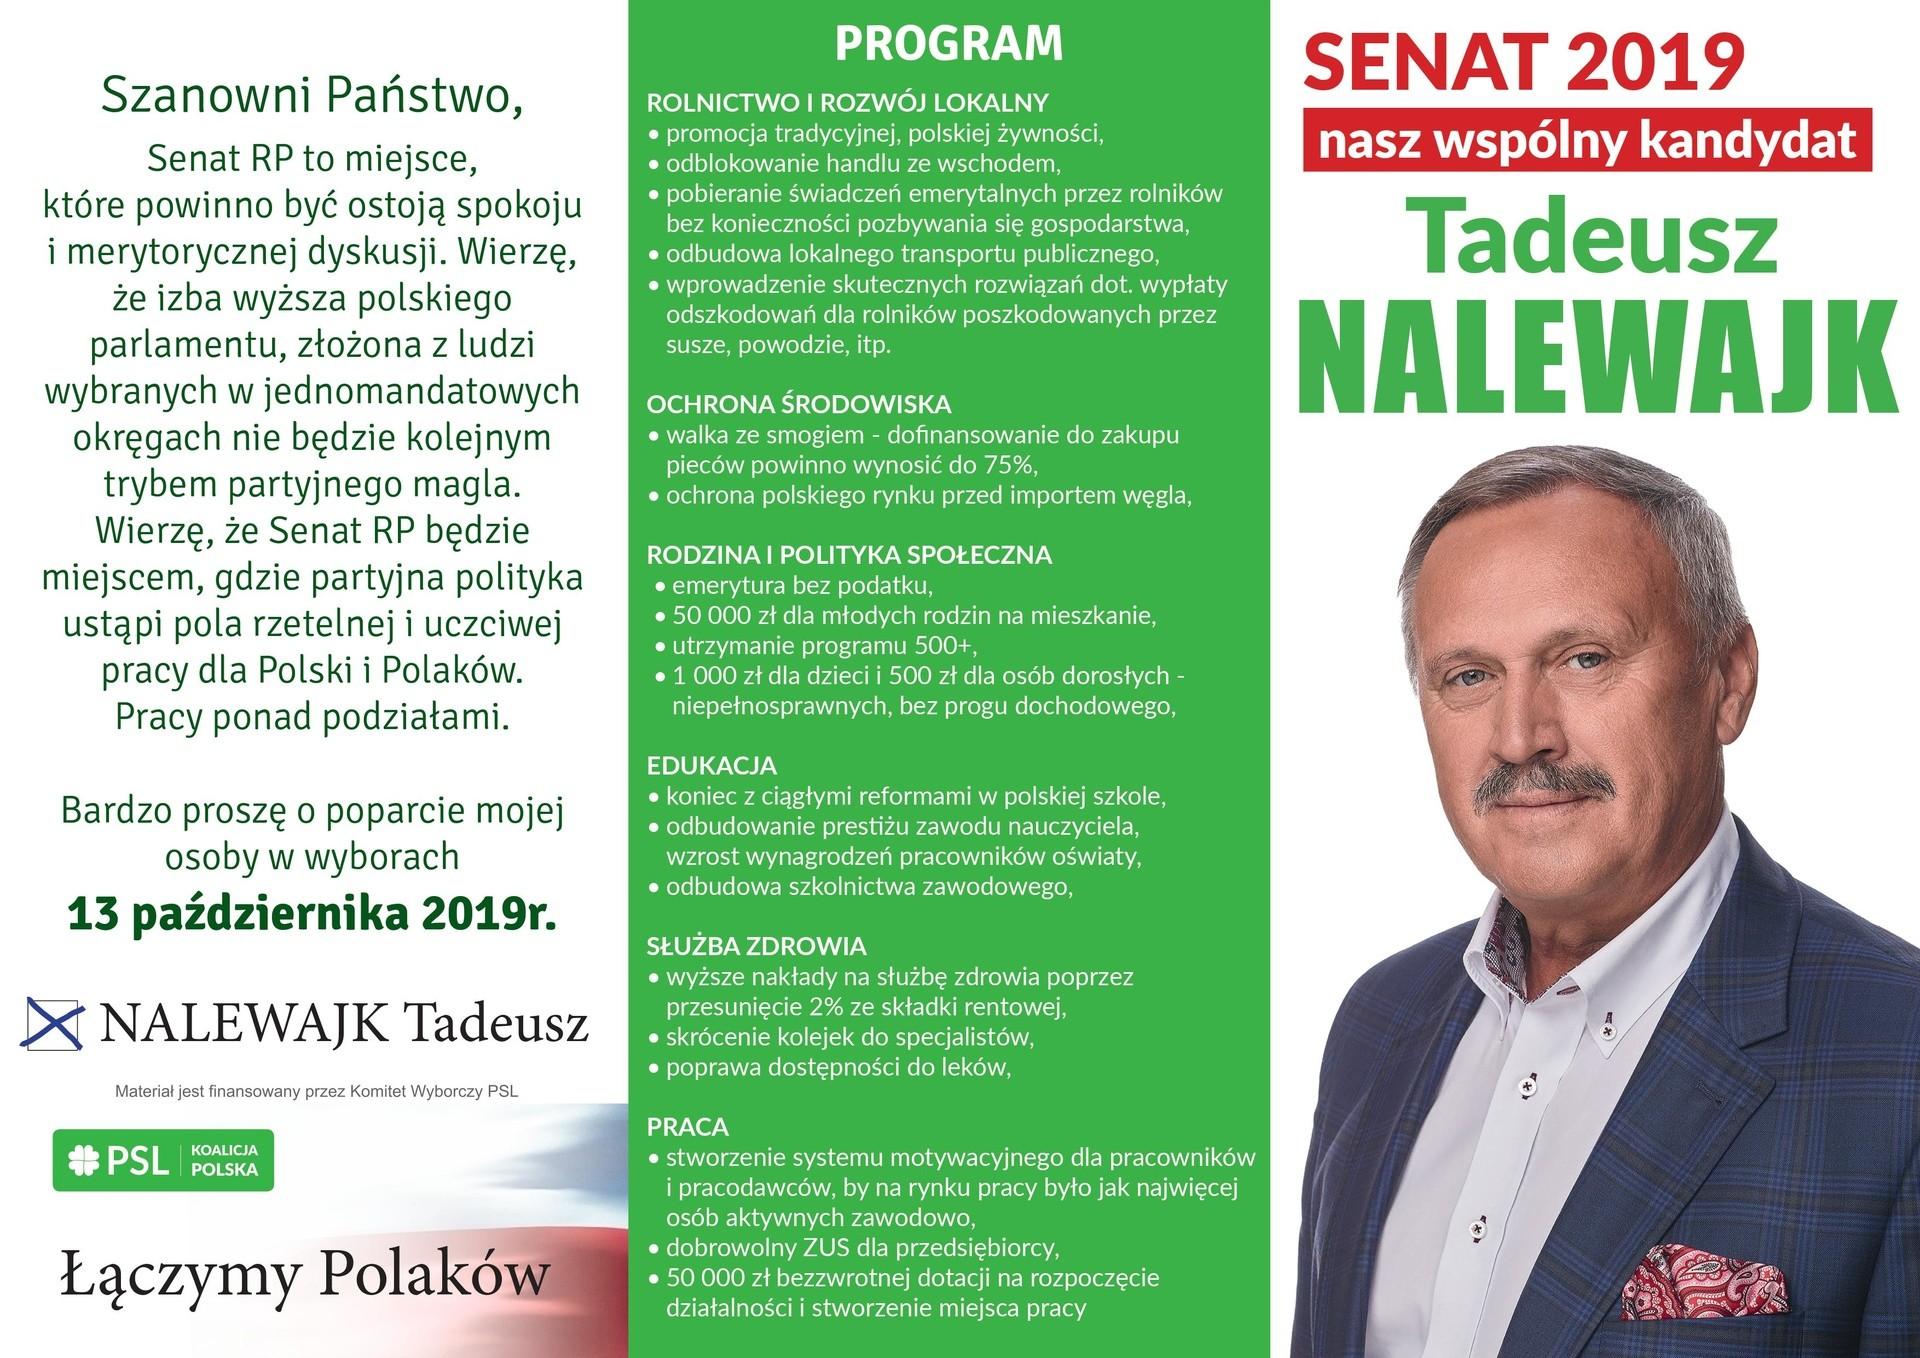 Tadeusz Nalewajk ulotka